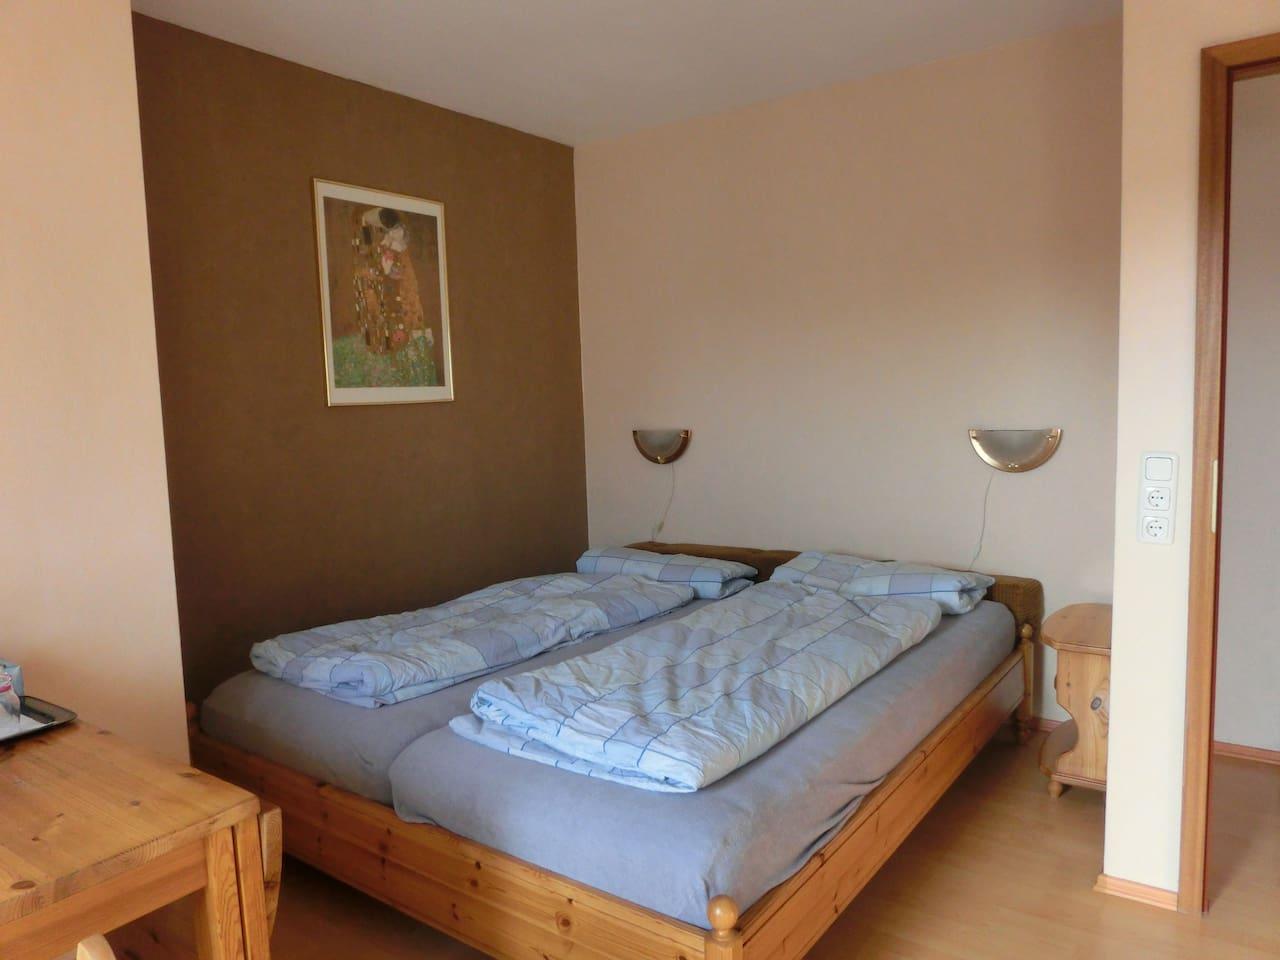 2 gemütliche Betten mit Leselampen.